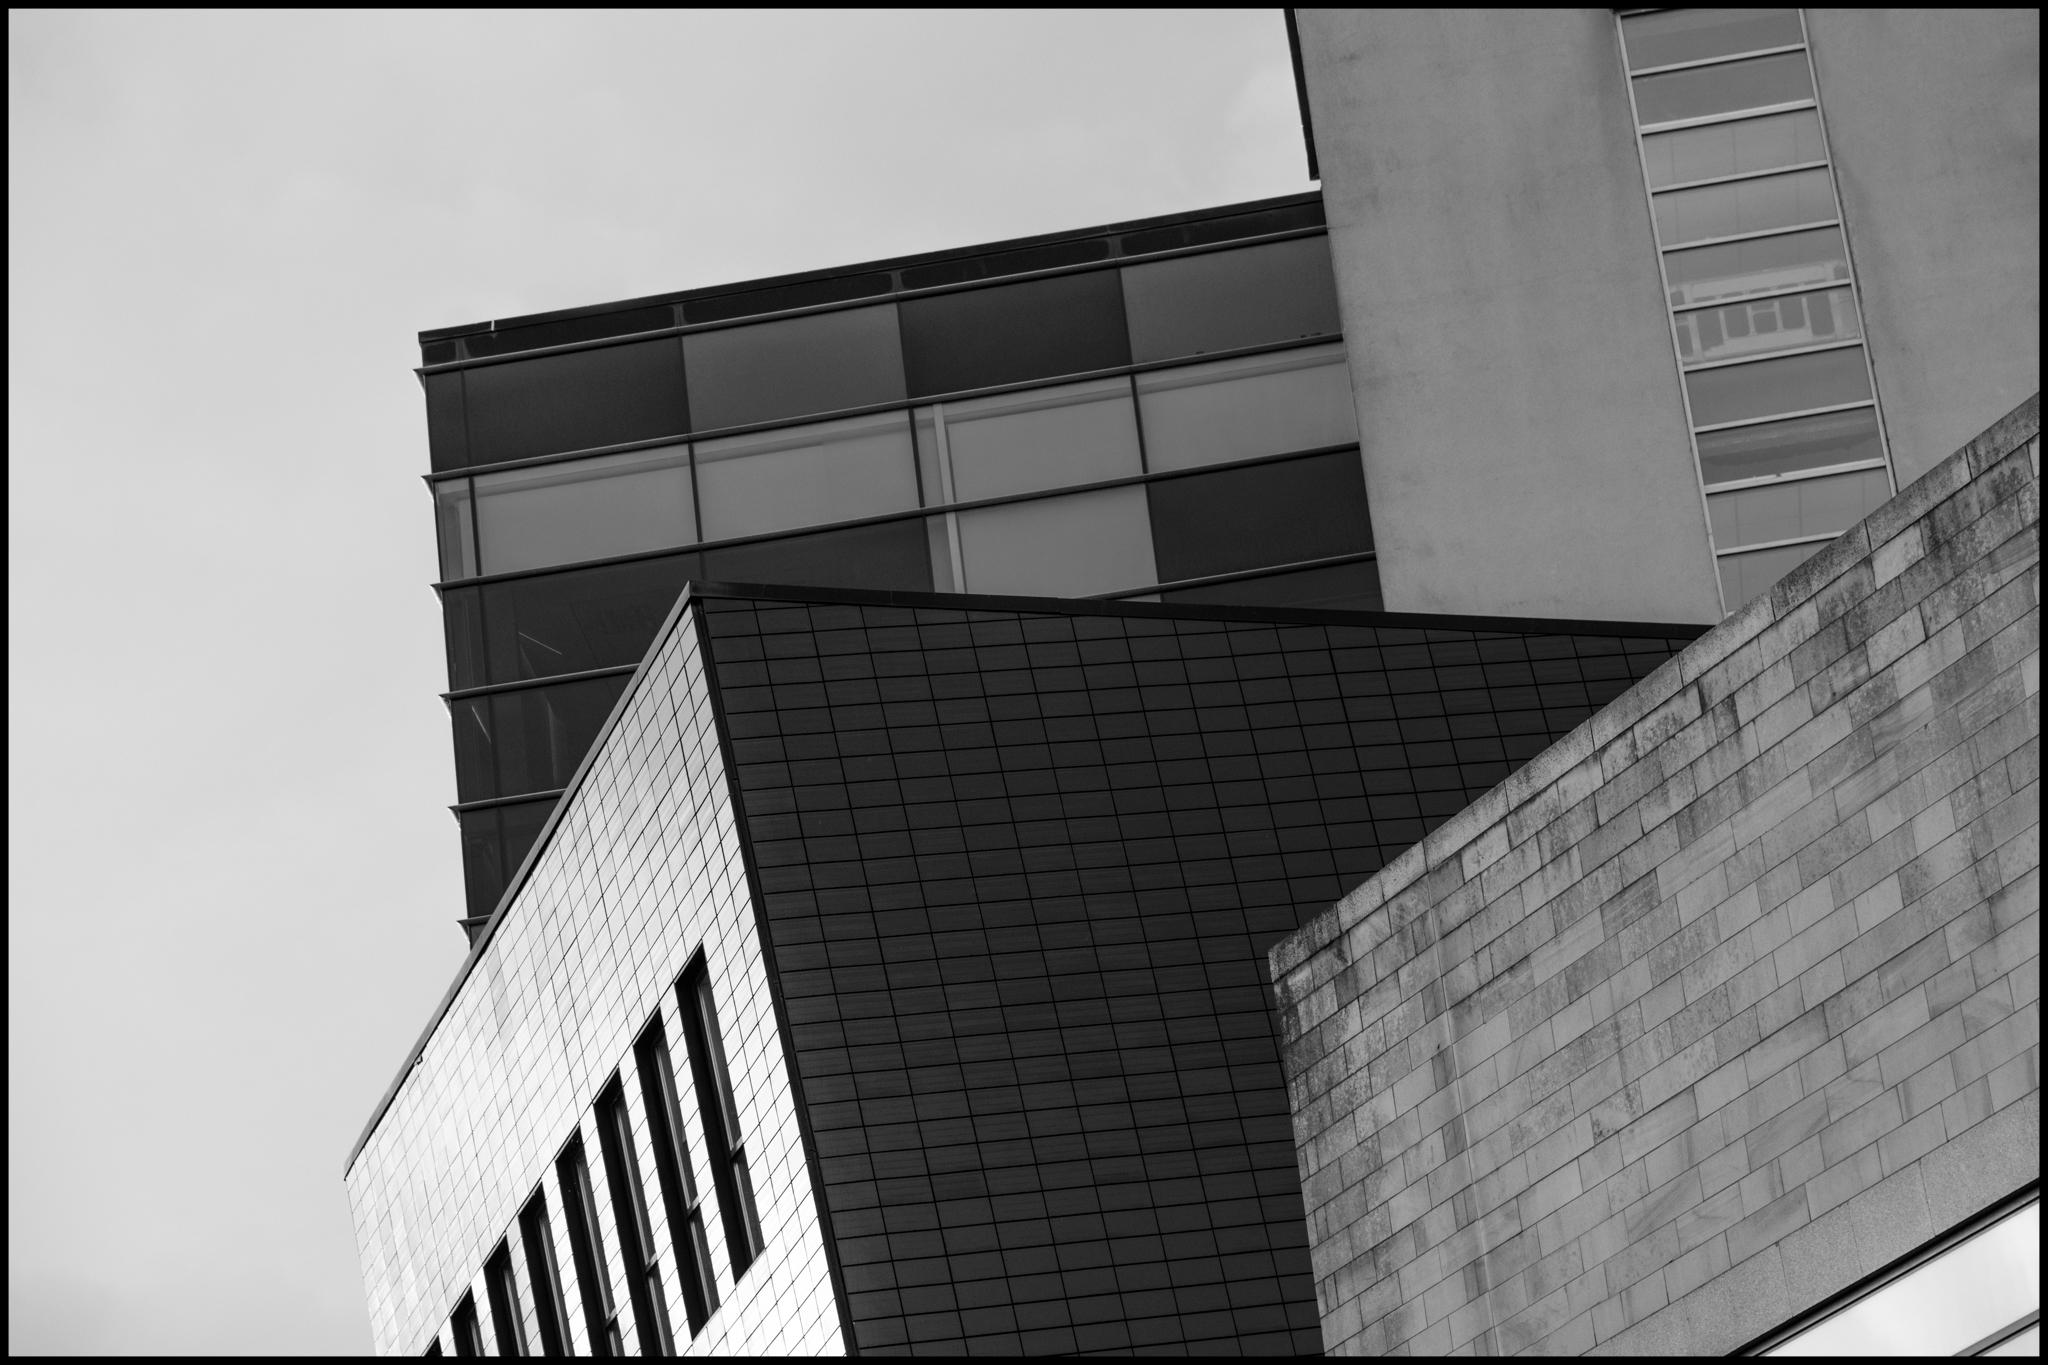 27 April 2019 - Four Buildings, Manchester UK